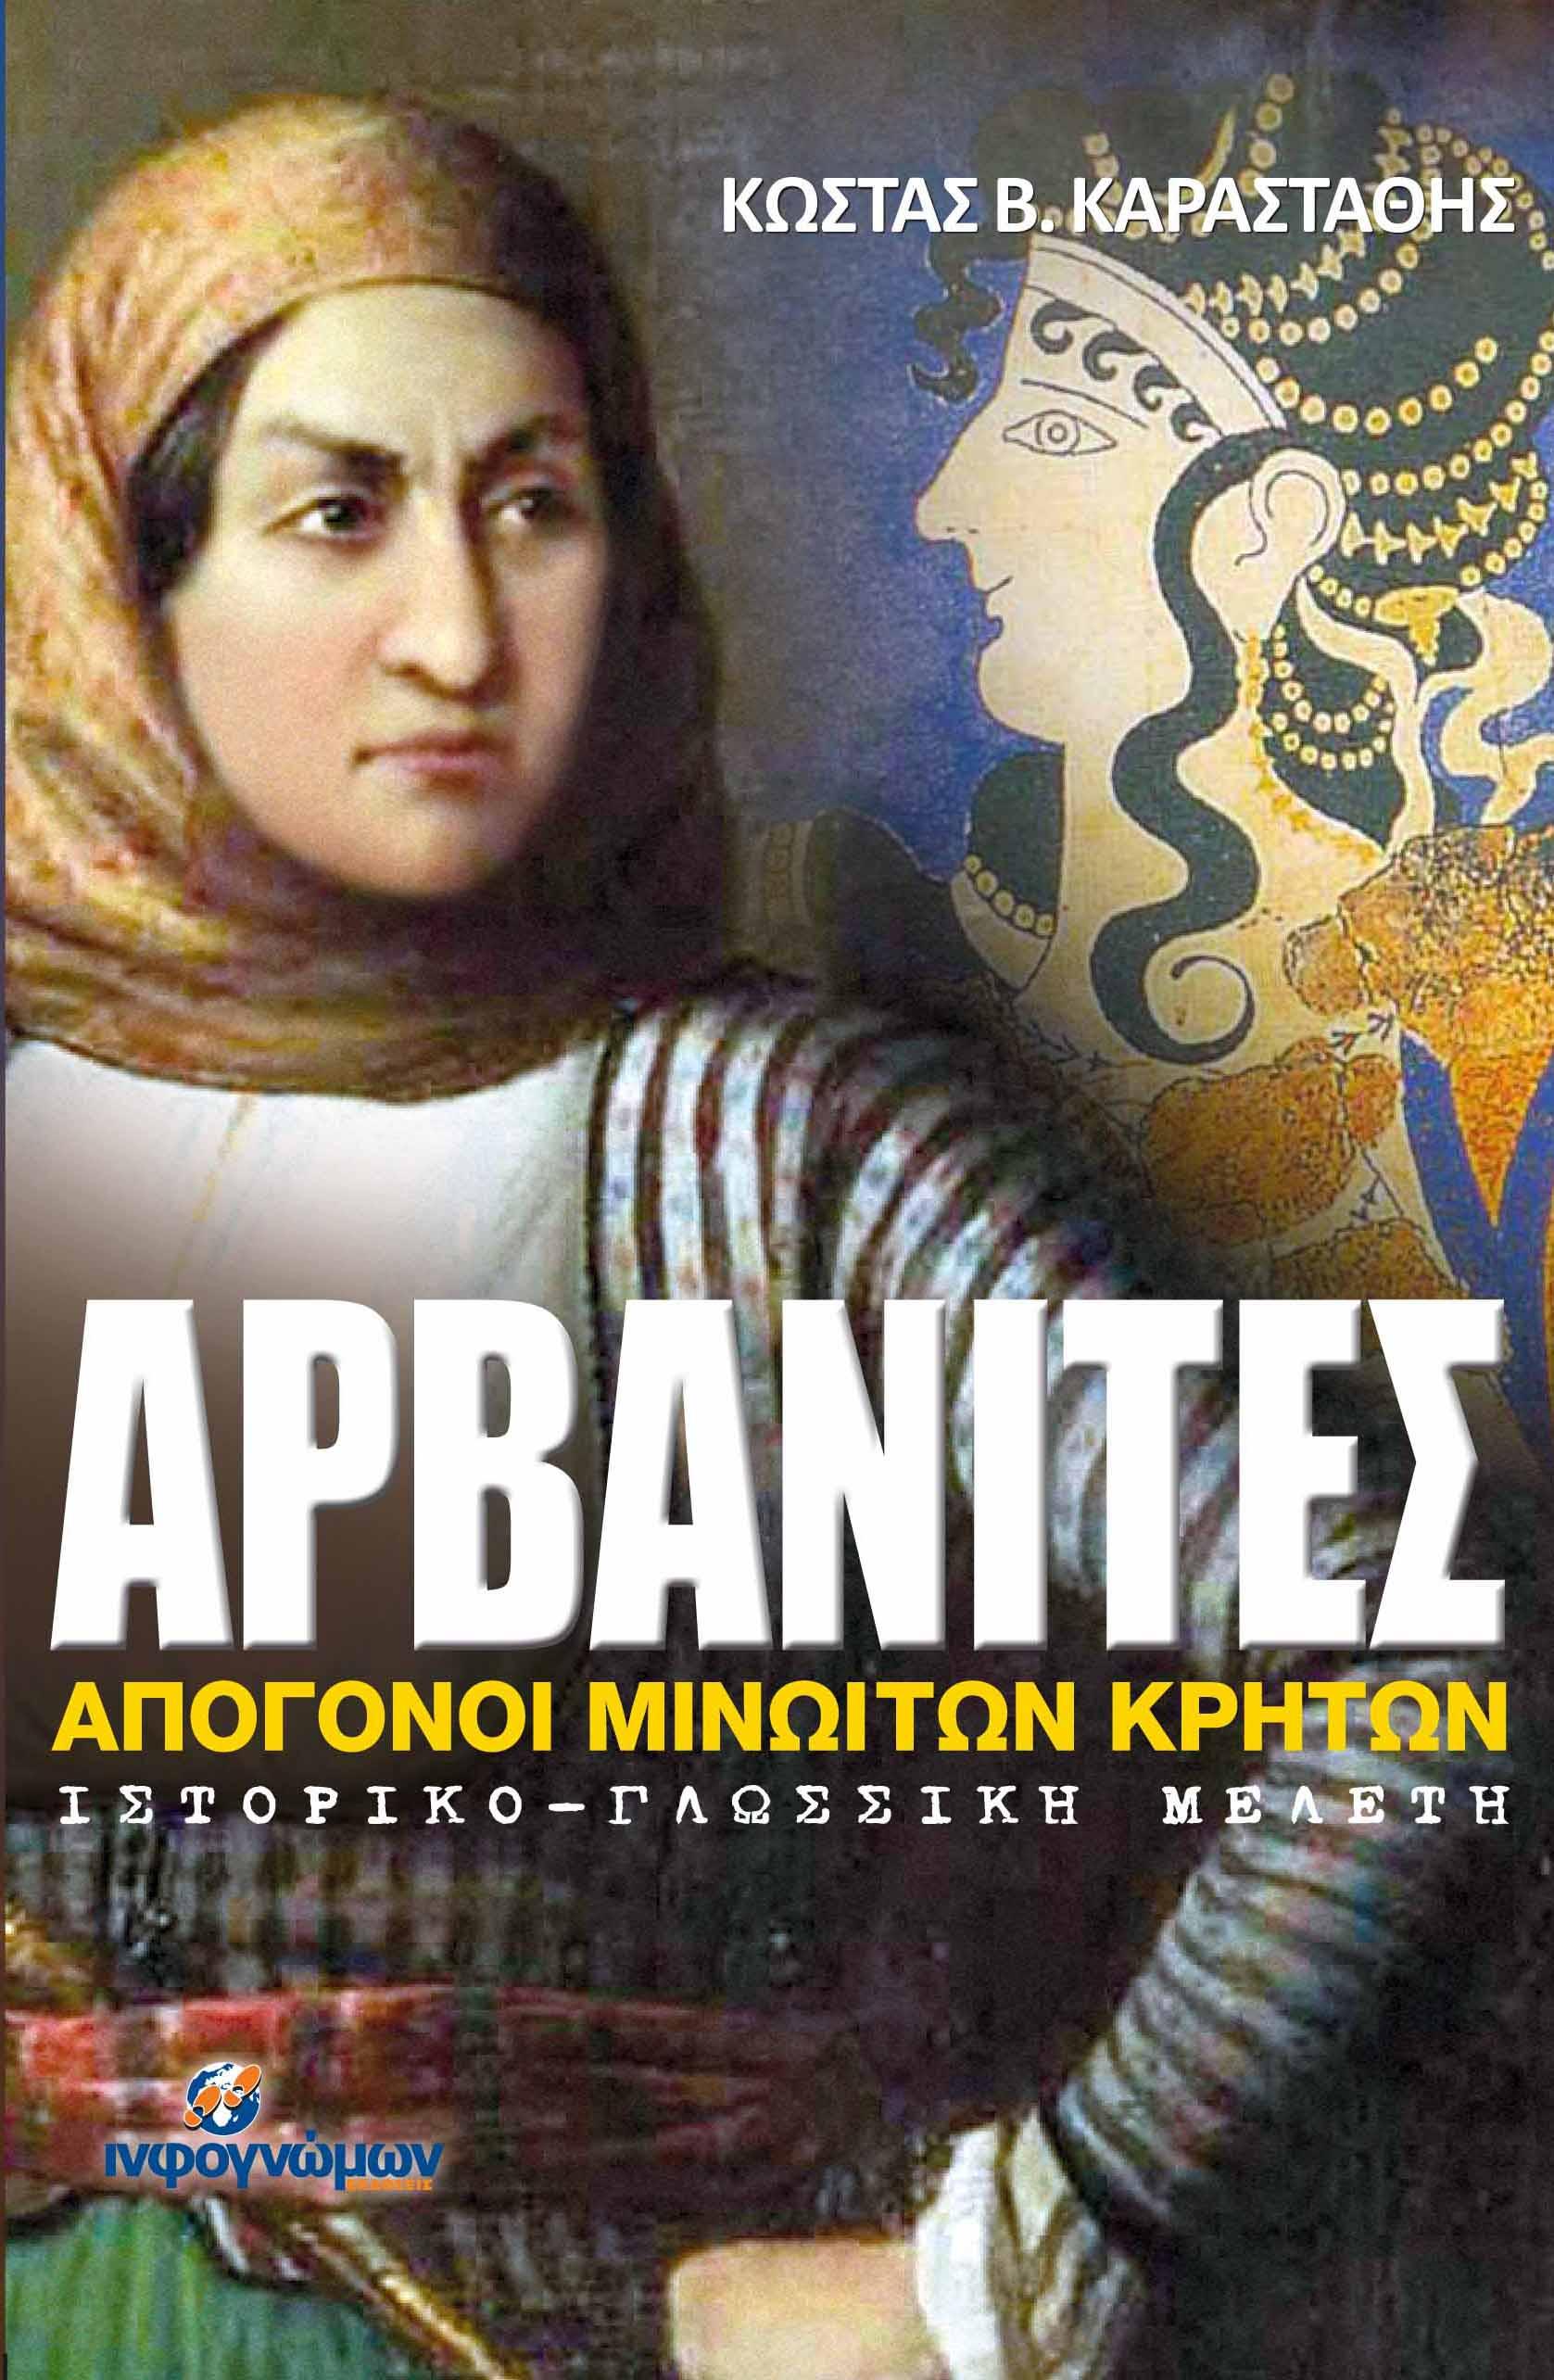 Ο Καραστάθης επεκτείνει την έρευνά του στο θέμα της καταγωγής των Αρβανιτών – Γ' Προσαυξημένη Έκδοση του βιβλίου του «Ἀρβανίτες, Ἀπόγονοι Μινωιτῶν Κρητῶν»